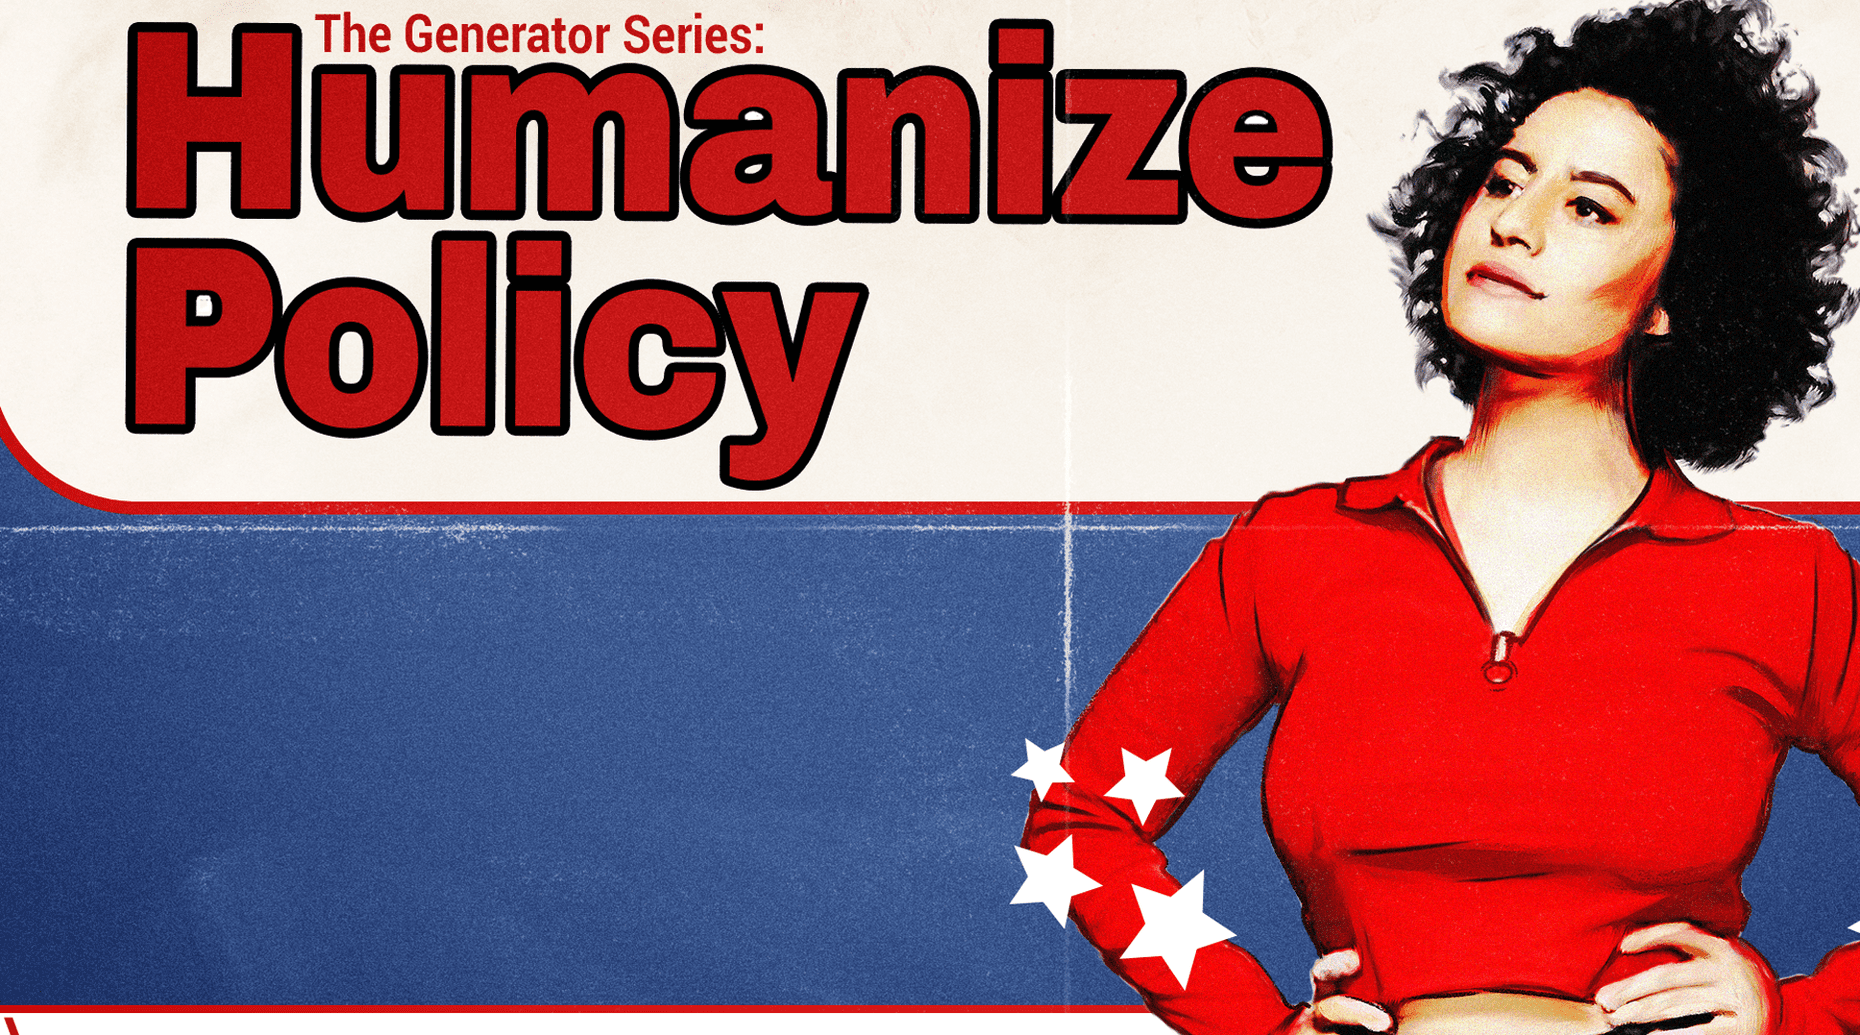 Ilana Glazer's Generator Series: Humanize Policy